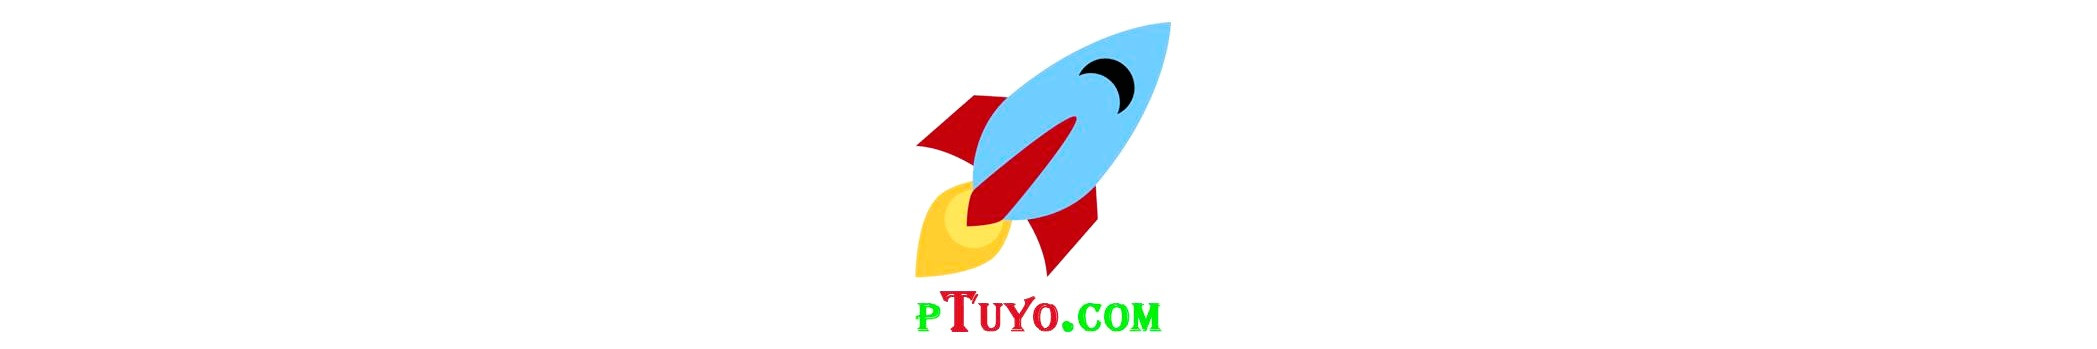 Создание целевых страниц или одностраничных сайтов